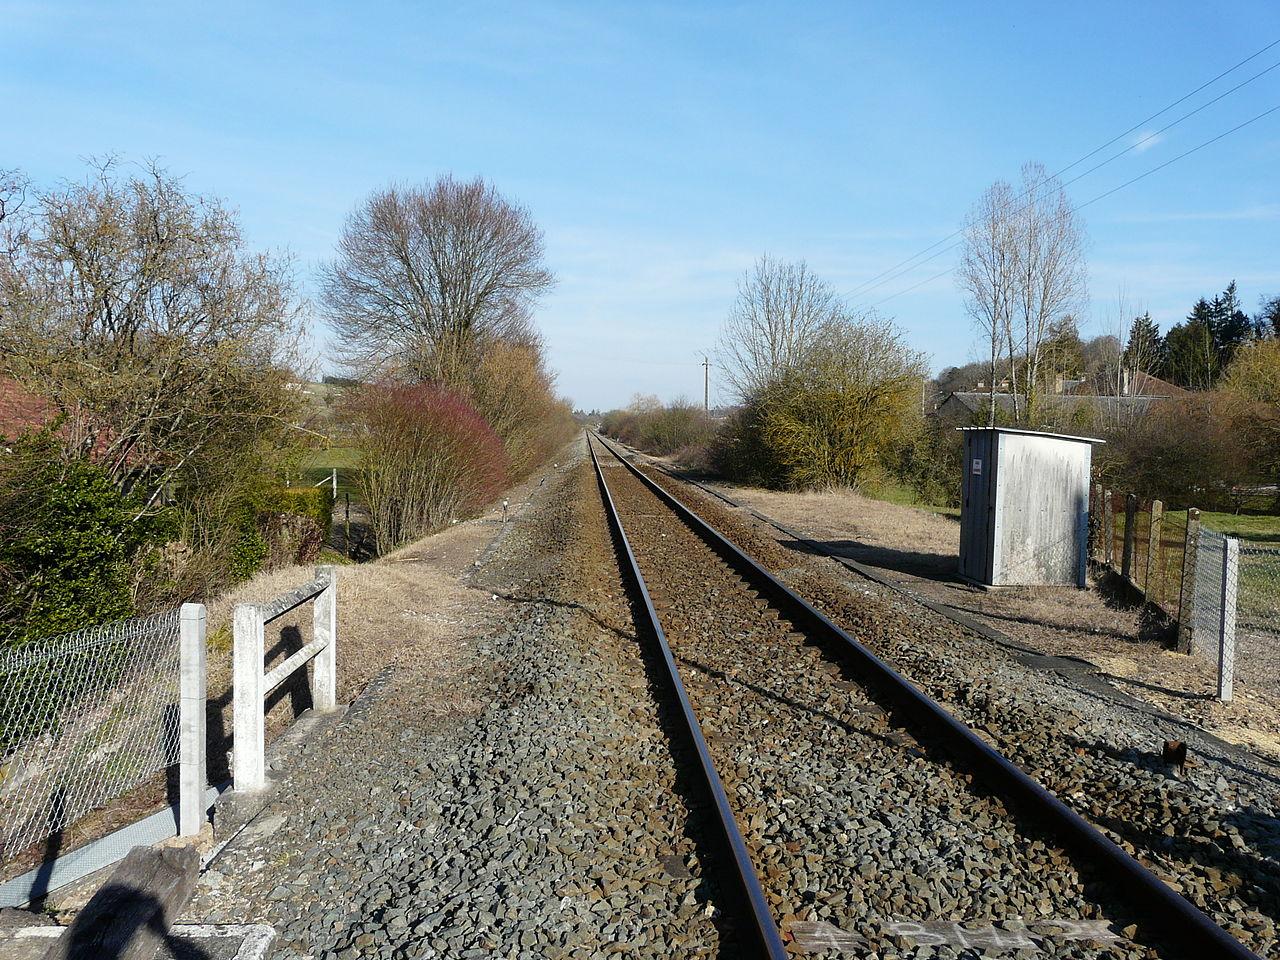 La voie ferrée au bourg de Saint-Pierre-de-Chignac.